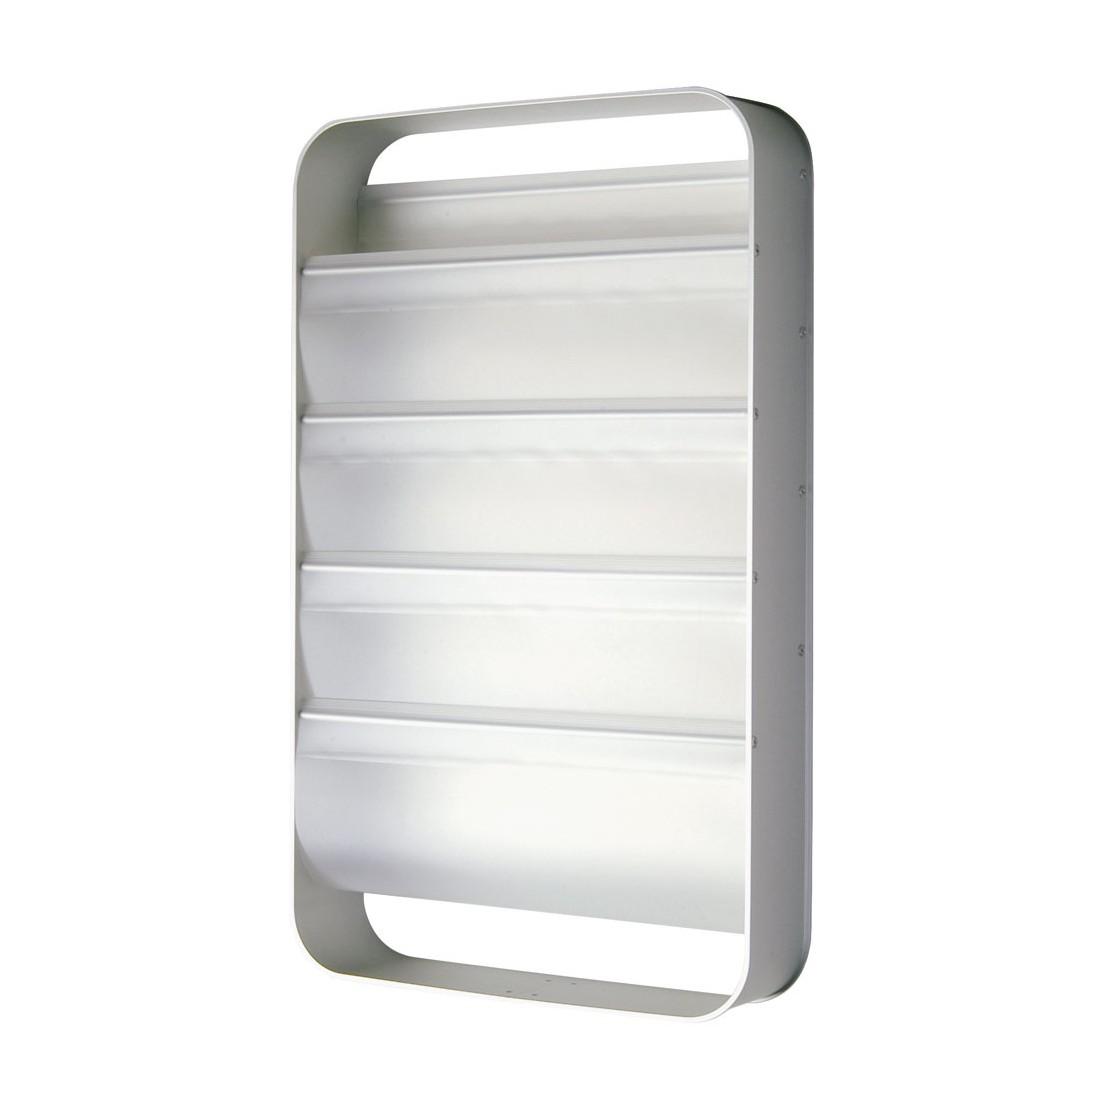 Zeitungsregal Redondo 4 Fächer 71 cm – Polypropylen, Aluminium Silber, Transparent, Reisenthel Accessoires bestellen